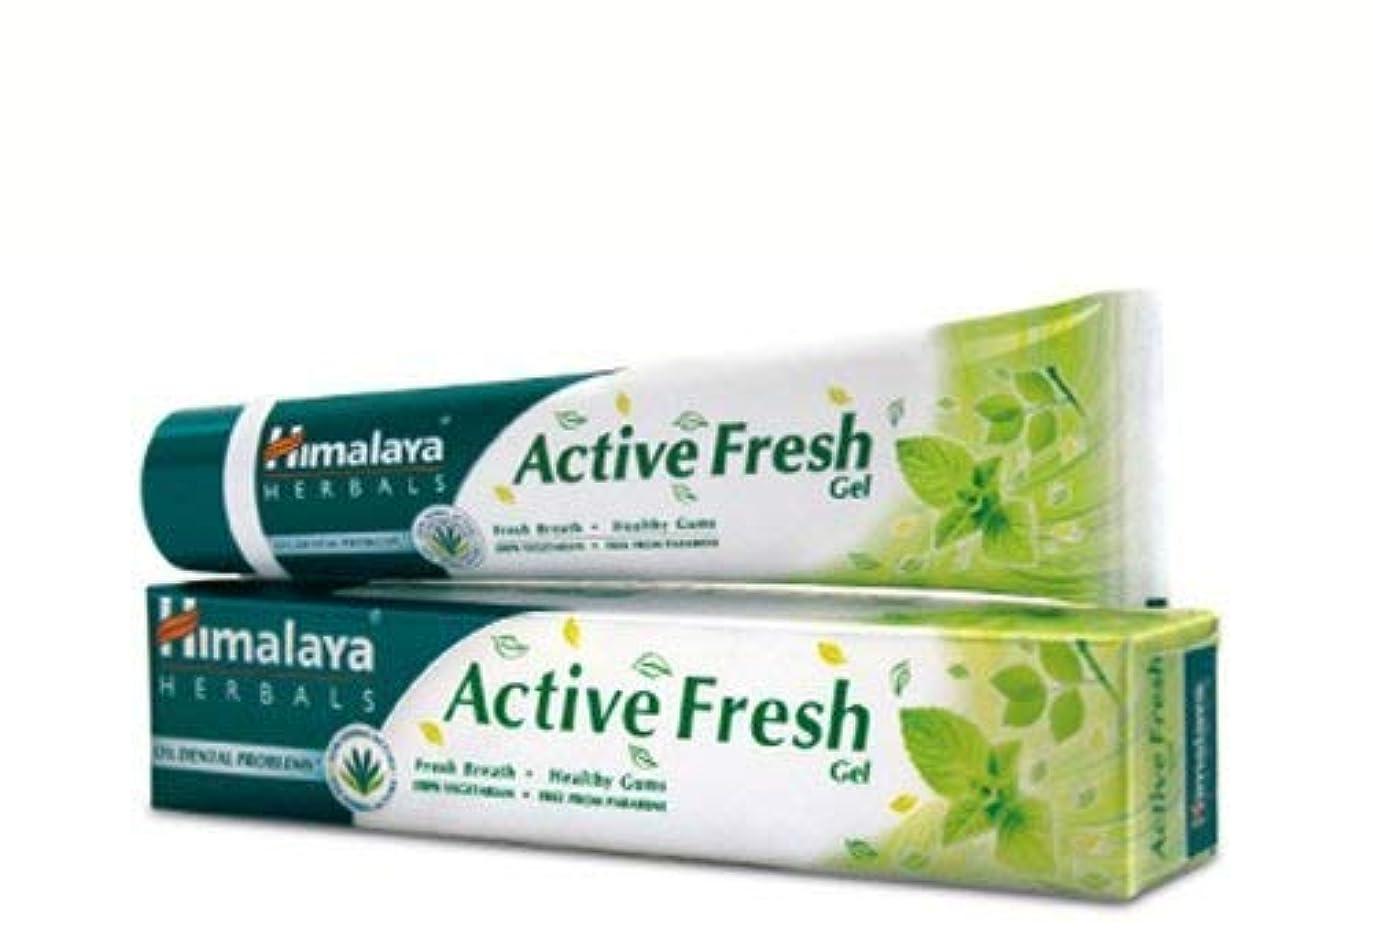 購入損傷先例ヒマラヤ トゥースペイスト アクティブ フレッシュ(歯磨き粉)80g 2本Set Himalaya Active Fresh Toothpaste